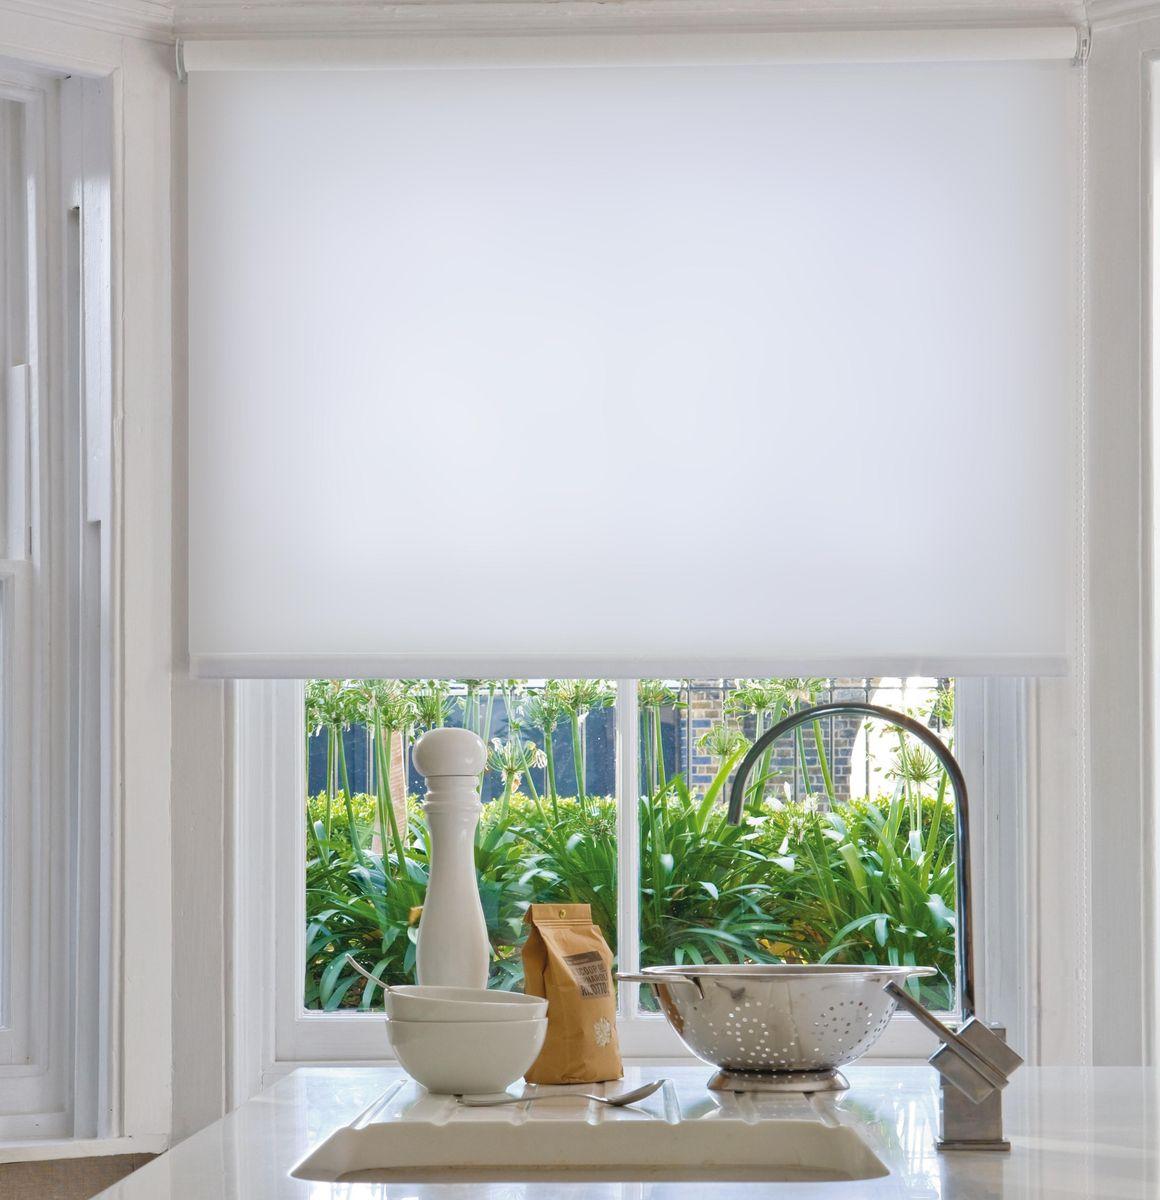 Штора рулонная Эскар Ролло. Однотонные, цвет: белый, ширина 130 см, высота 170 см8008130170Рулонными шторами можно оформлять окна как самостоятельно, так и использовать в комбинации с портьерами. Это поможет предотвратить выгорание дорогой ткани на солнце и соединит функционал рулонных с красотой навесных.Преимущества применения рулонных штор для пластиковых окон:- имеют прекрасный внешний вид: многообразие и фактурность материала изделия отлично смотрятся в любом интерьере; - многофункциональны: есть возможность подобрать шторы способные эффективно защитить комнату от солнца, при этом о на не будет слишком темной. - Есть возможность осуществить быстрый монтаж. ВНИМАНИЕ! Размеры ширины изделия указаны по ширине ткани!Во время эксплуатации не рекомендуется полностью разматывать рулон, чтобы не оторвать ткань от намоточного вала.В случае загрязнения поверхности ткани, чистку шторы проводят одним из способов, в зависимости от типа загрязнения: легкое поверхностное загрязнение можно удалить при помощи канцелярского ластика; чистка от пыли производится сухим методом при помощи пылесоса с мягкой щеткой-насадкой; для удаления пятна используйте мягкую губку с пенообразующим неагрессивным моющим средством или пятновыводитель на натуральной основе (нельзя применять растворители).